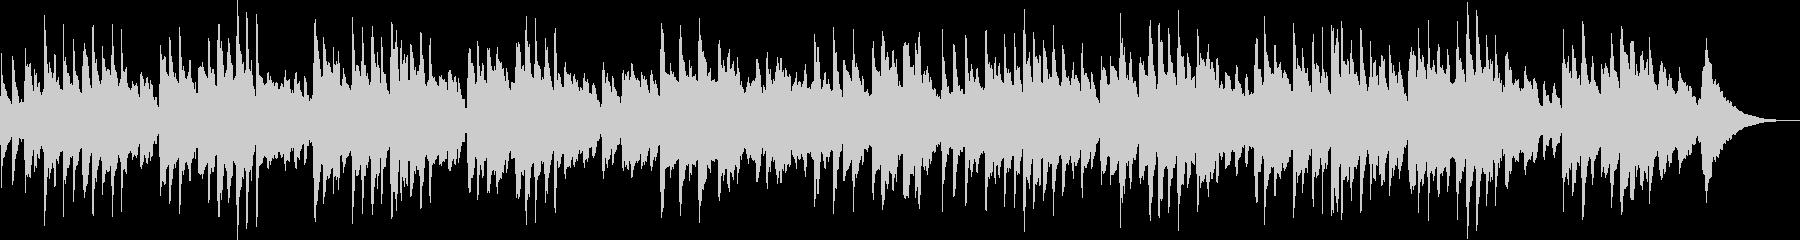 オルゴールの可愛い曲の未再生の波形